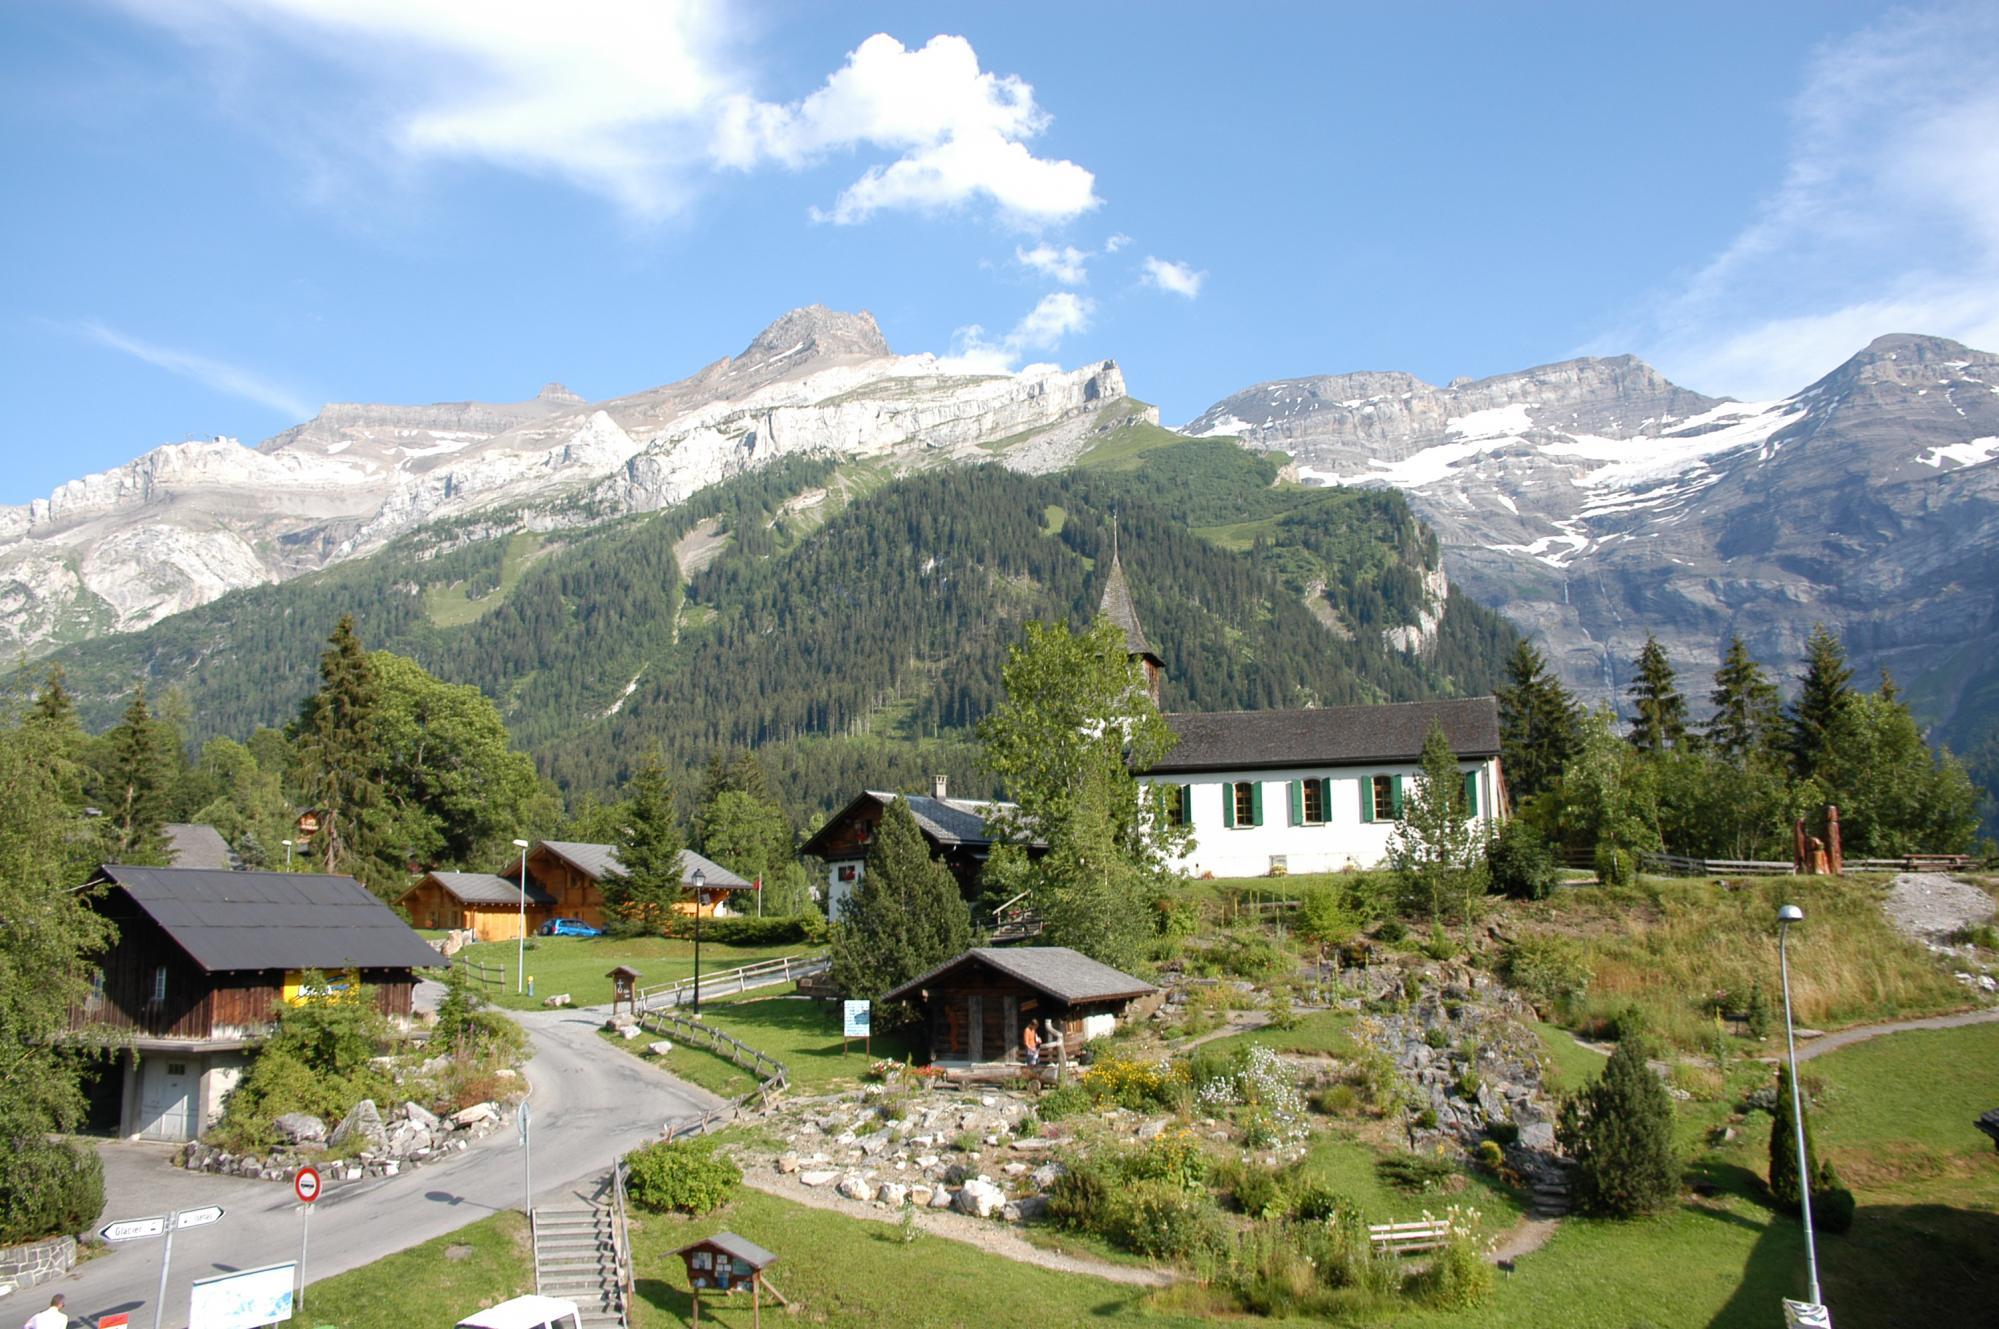 Jardin alpin les tussilages villars gryon les diablerets bex suisse - Office tourisme diablerets ...